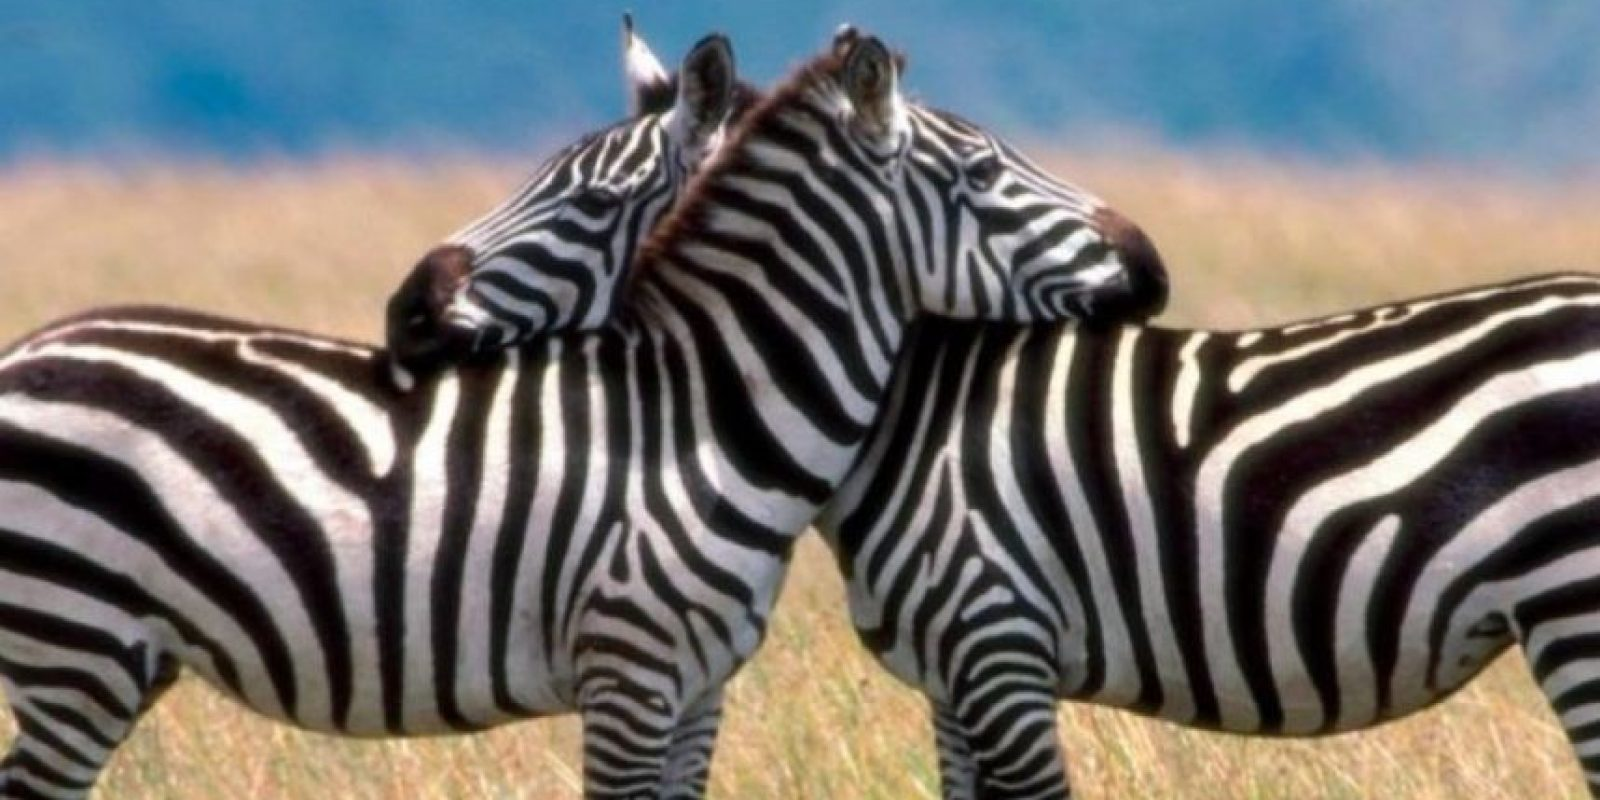 Una mujer africana decidió tener sexo con su socio en los arbustos, precisamente cerca de un león. Este, ni corto ni perezoso, atacó y la mató. Foto:FunnyWallpapers